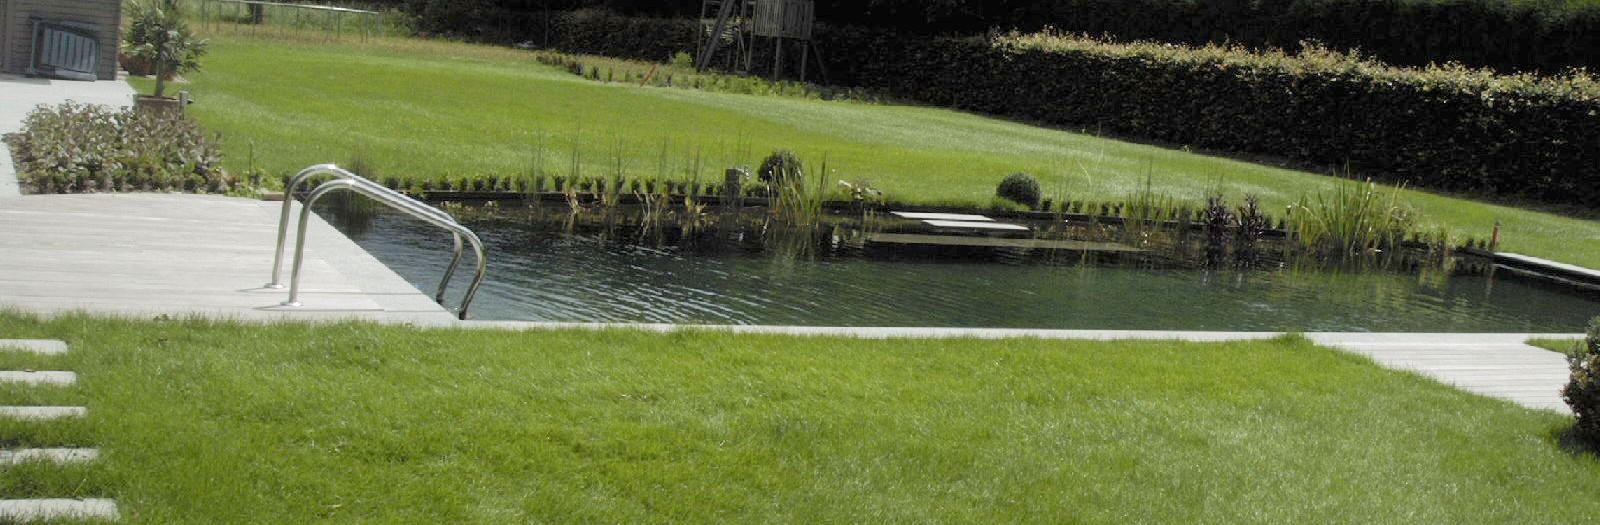 Totaalproject met zwemvijver